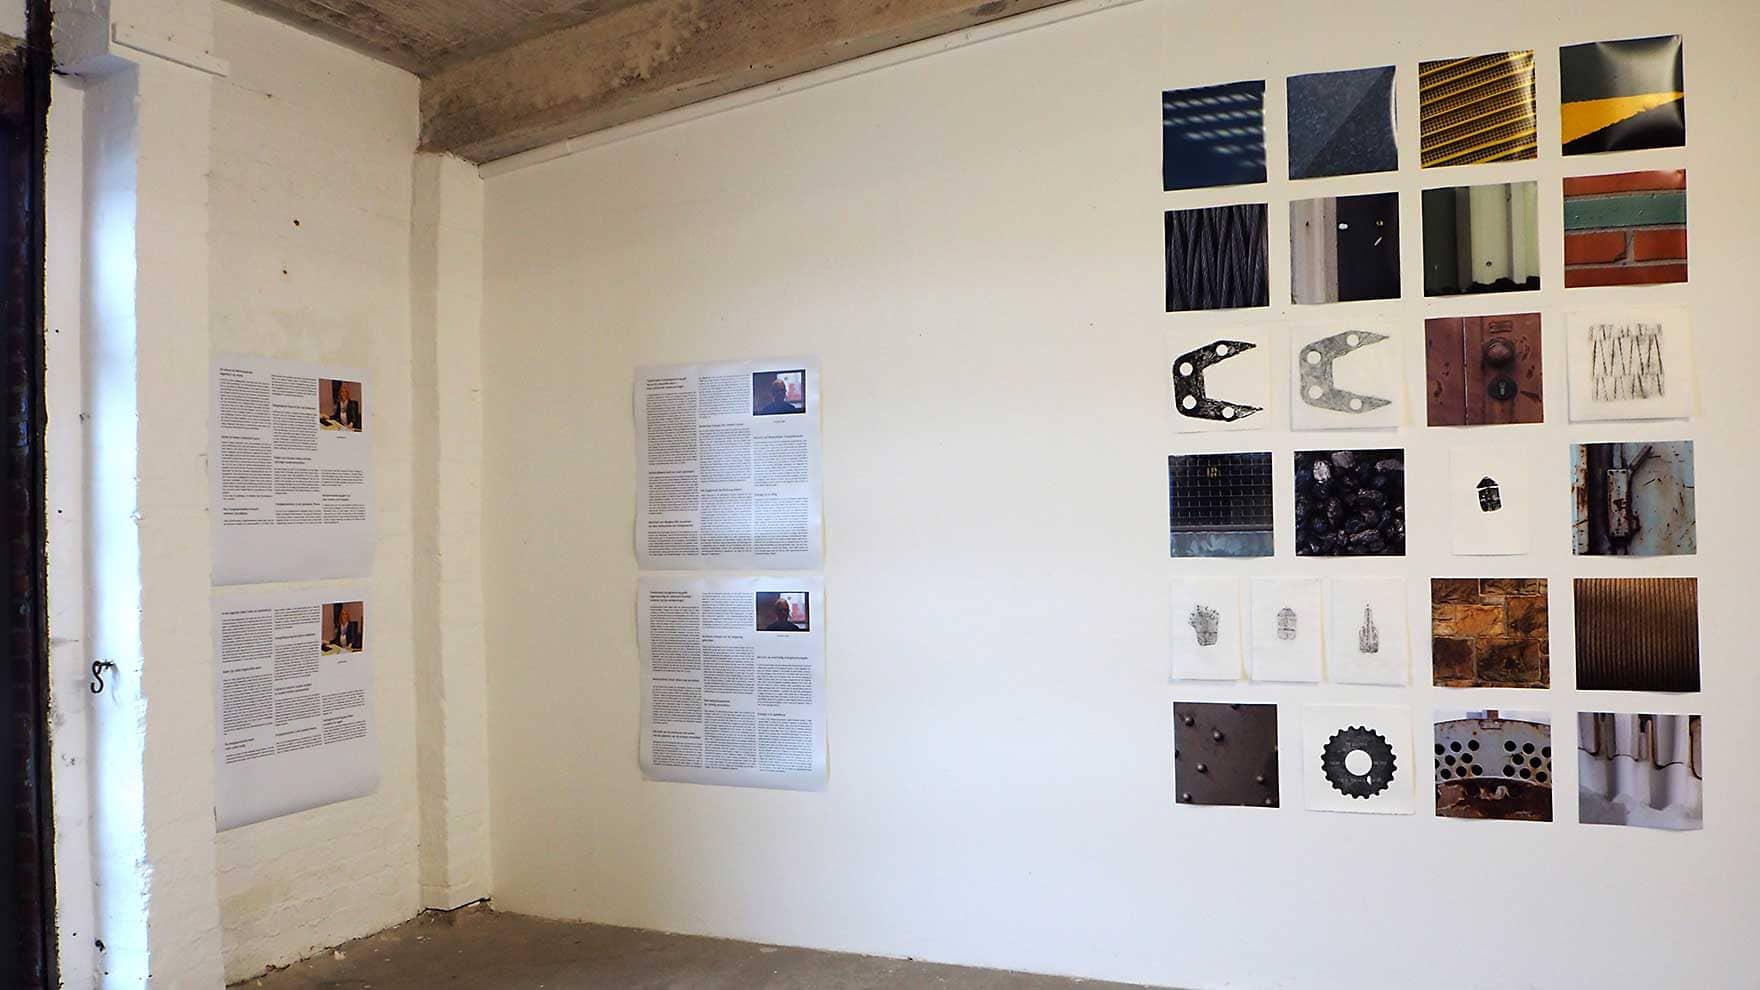 steenkool Ibbenbüren - expositie in Kulturspeicher Dörenthe; inktdrukken op ertspapier, frottages op wenzhou, foto's en interviewteksten